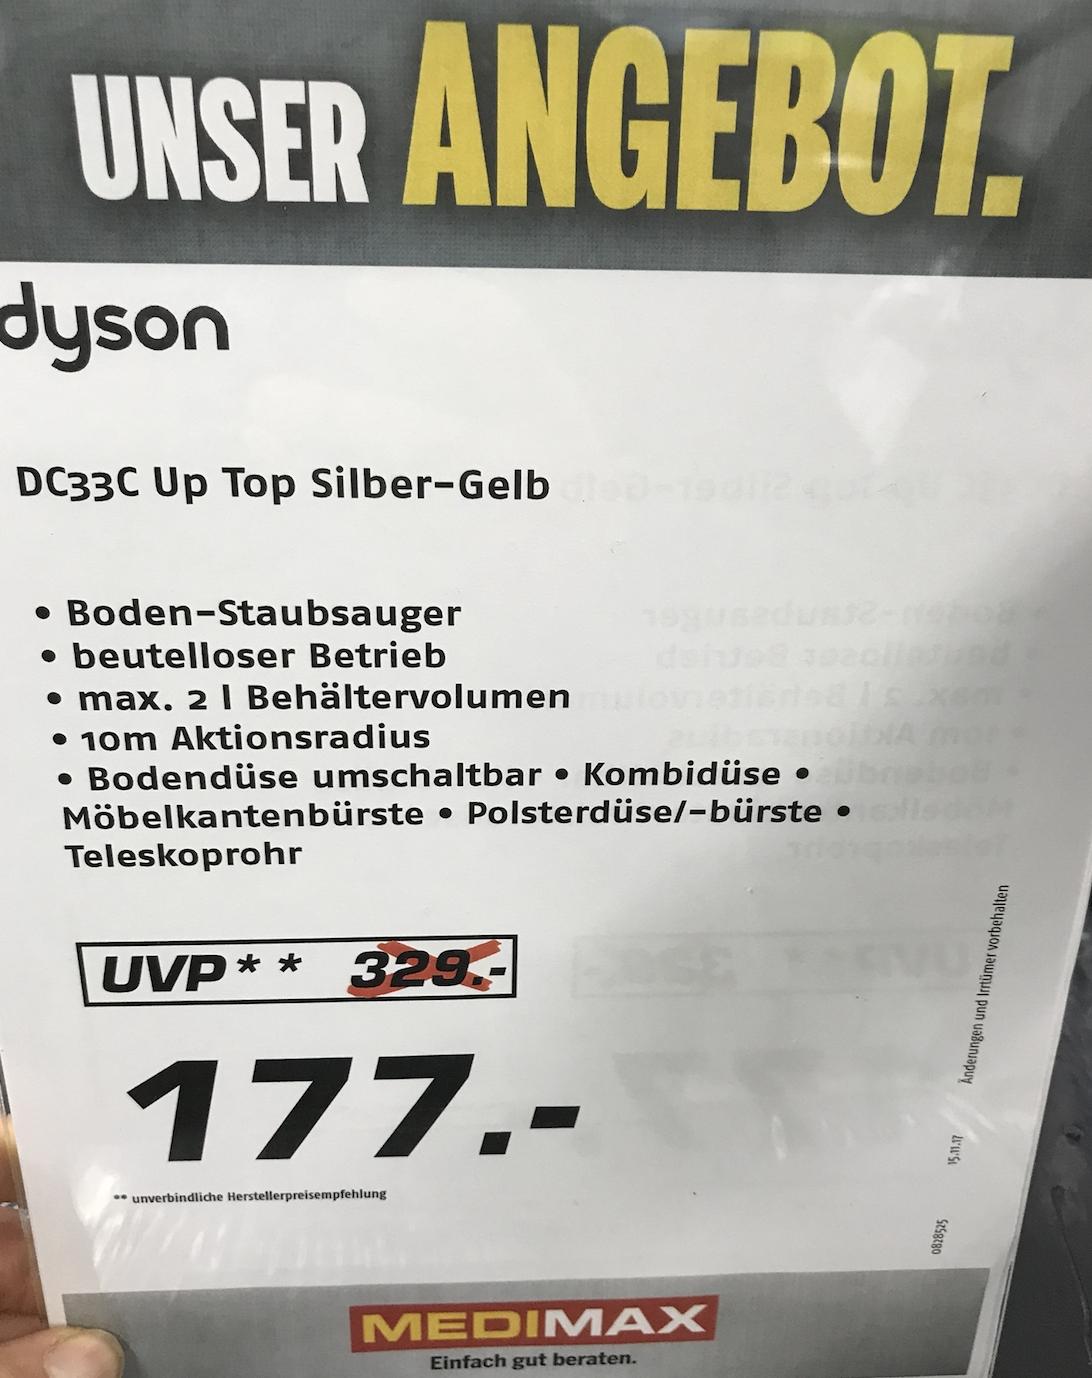 Dyson DC 33 C Up Top für 177€ [Lokal: Medimax Hamburg]